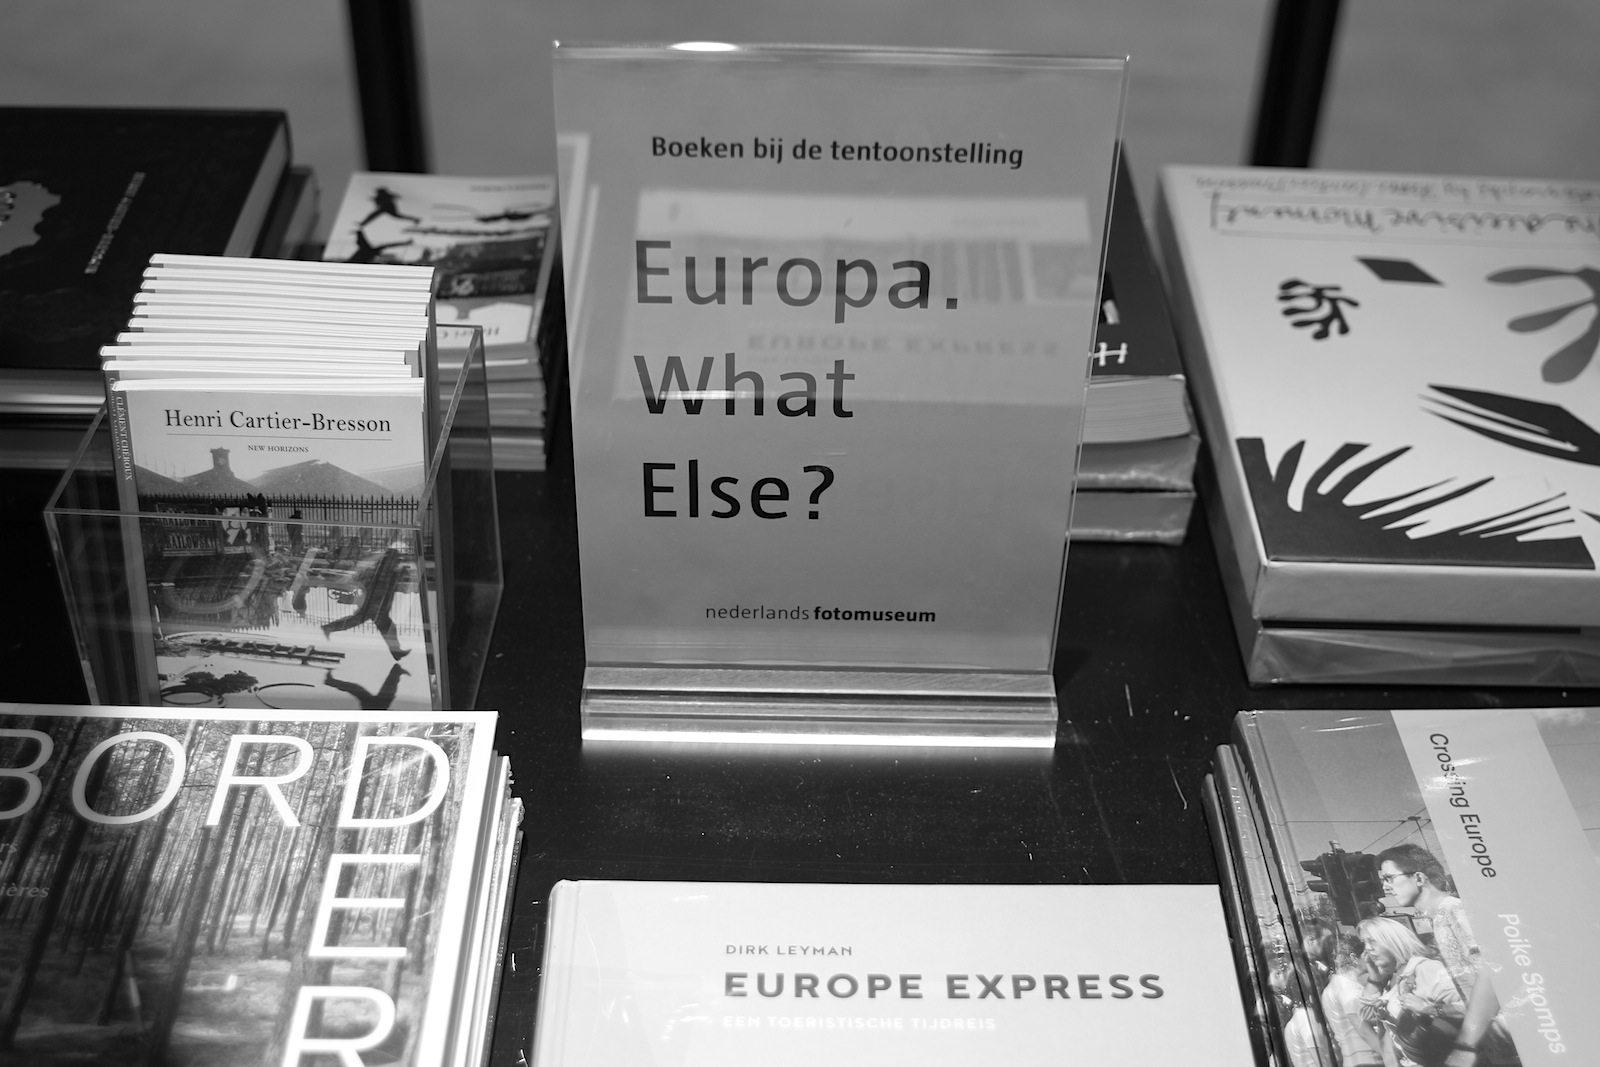 Nederlands Fotomuseum.  Nach dem Gang durch die Ausstellung und mit den aktuellen Turbulenzen in vielen Teilen der EU kann die Antwort nur lauten: Europa!